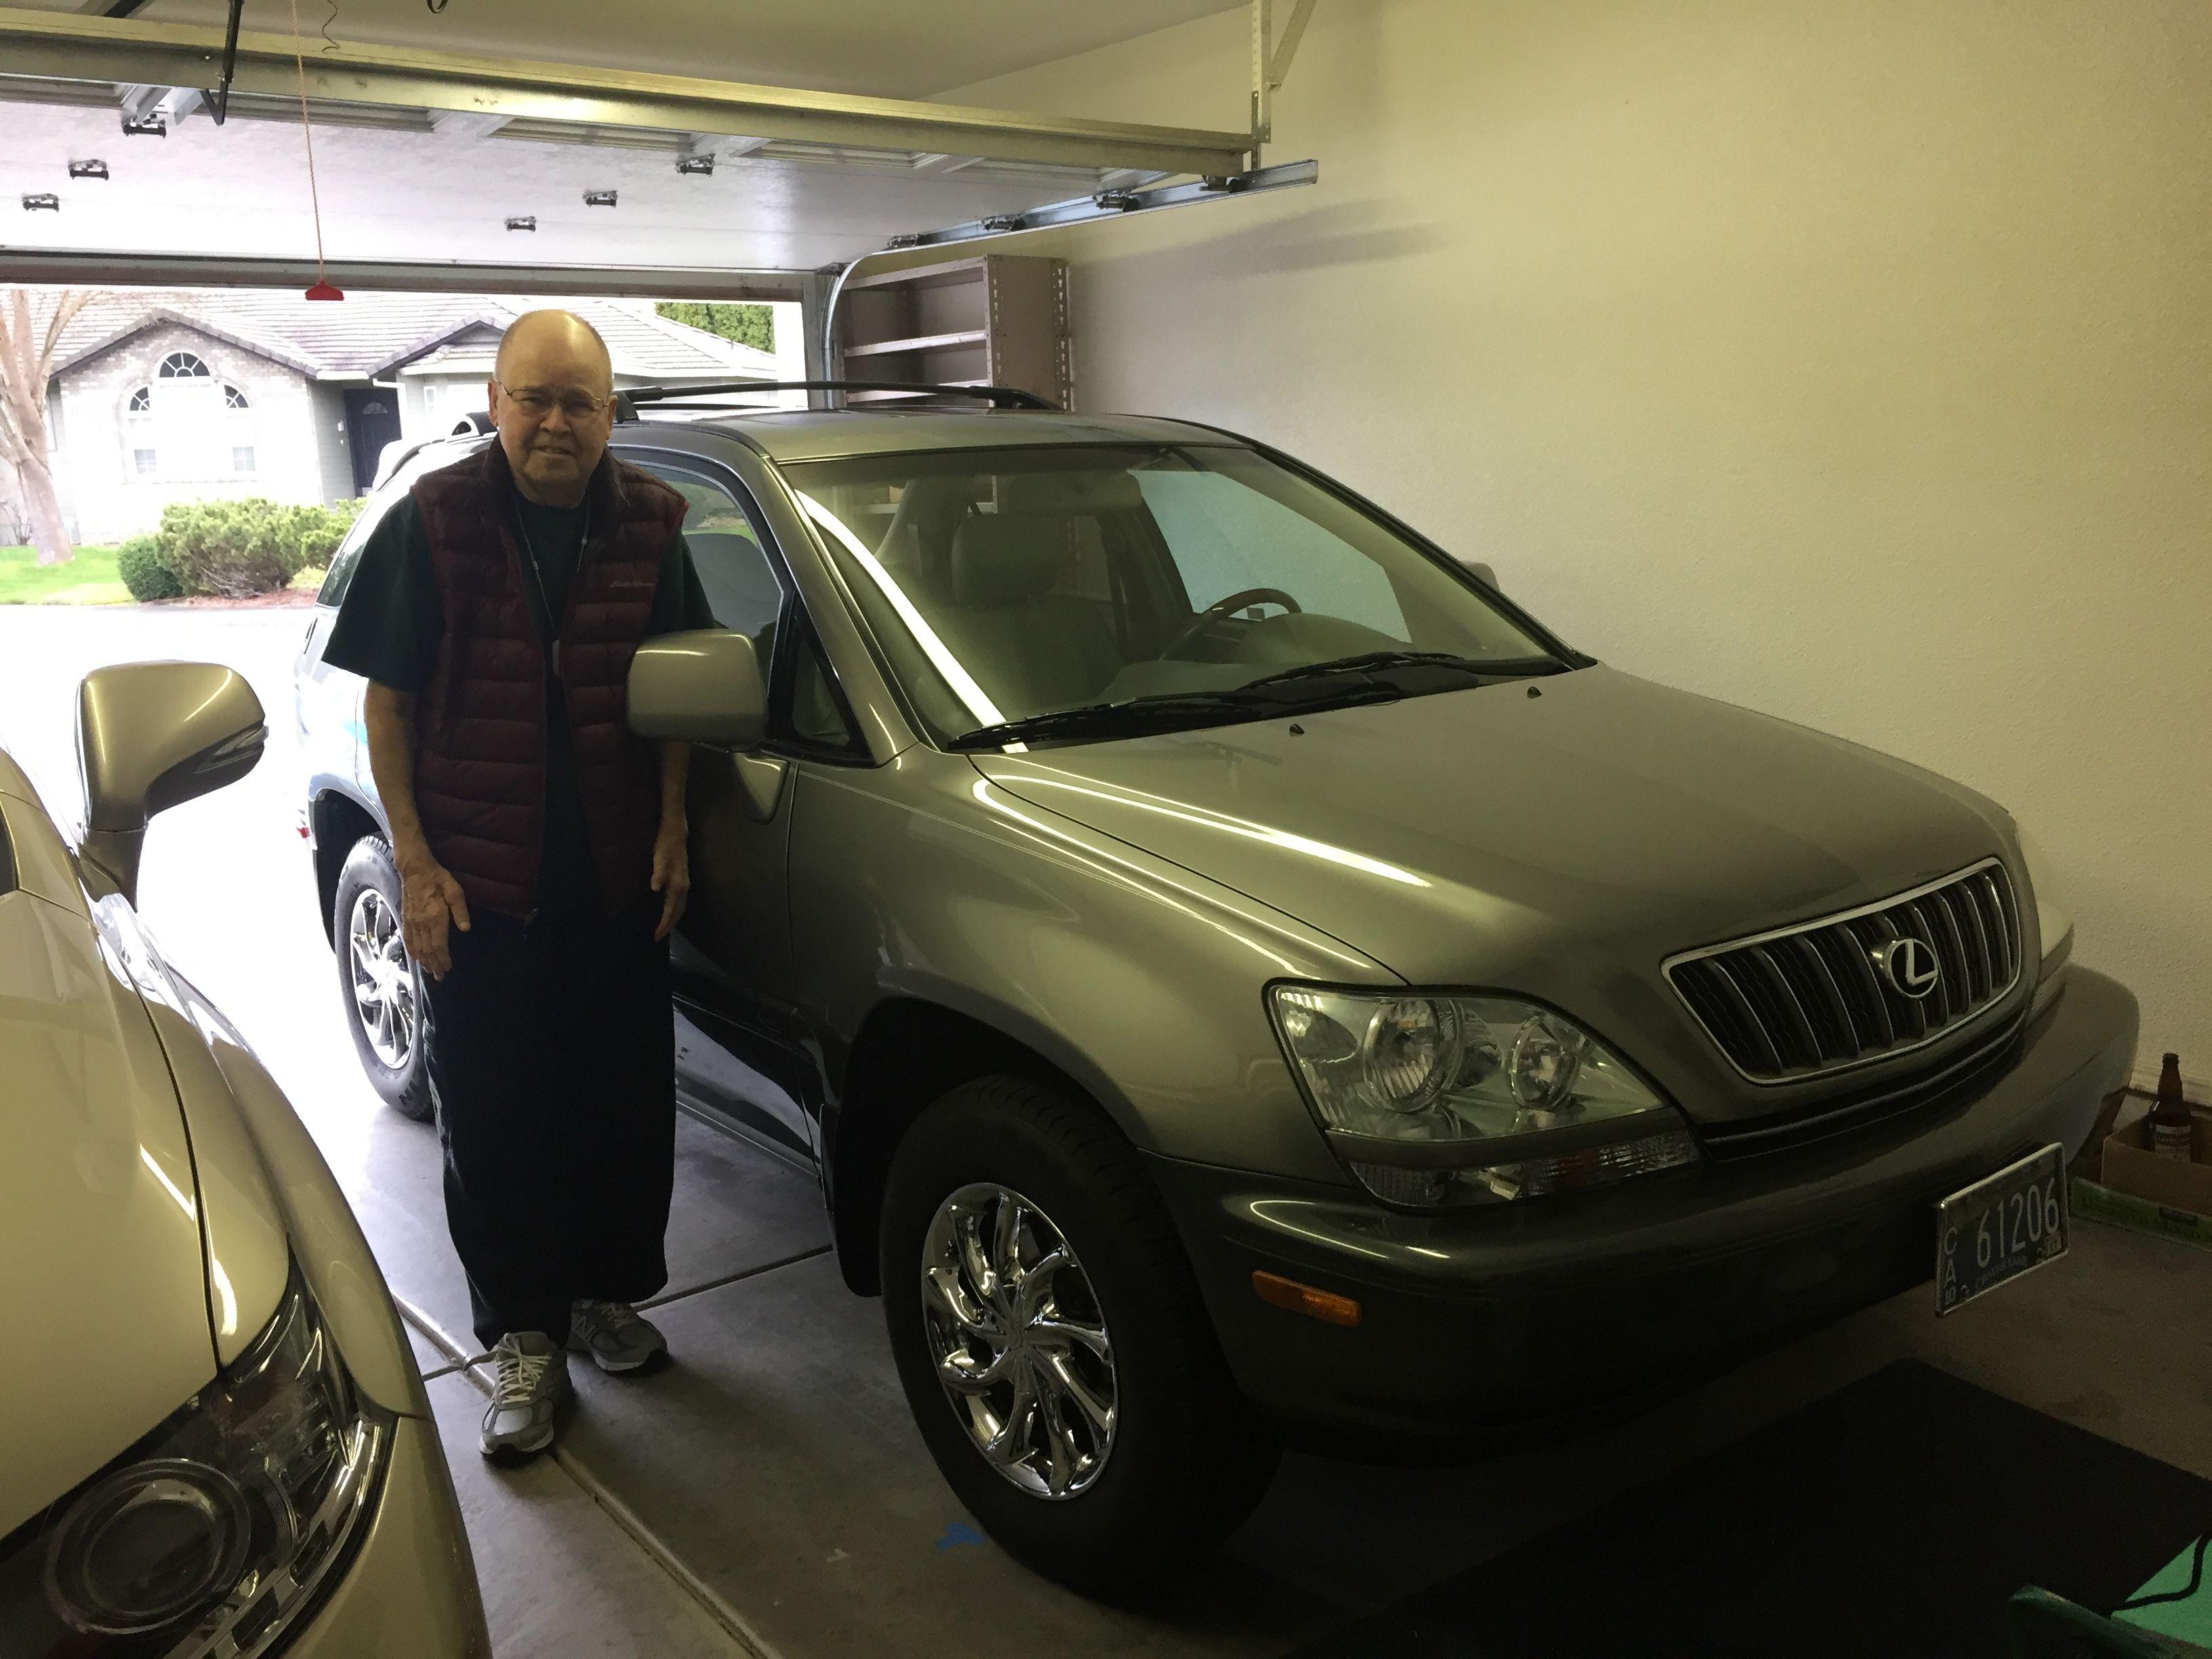 Mr B..... 15 years, a few sales, Ebay sales, and true car guy ...